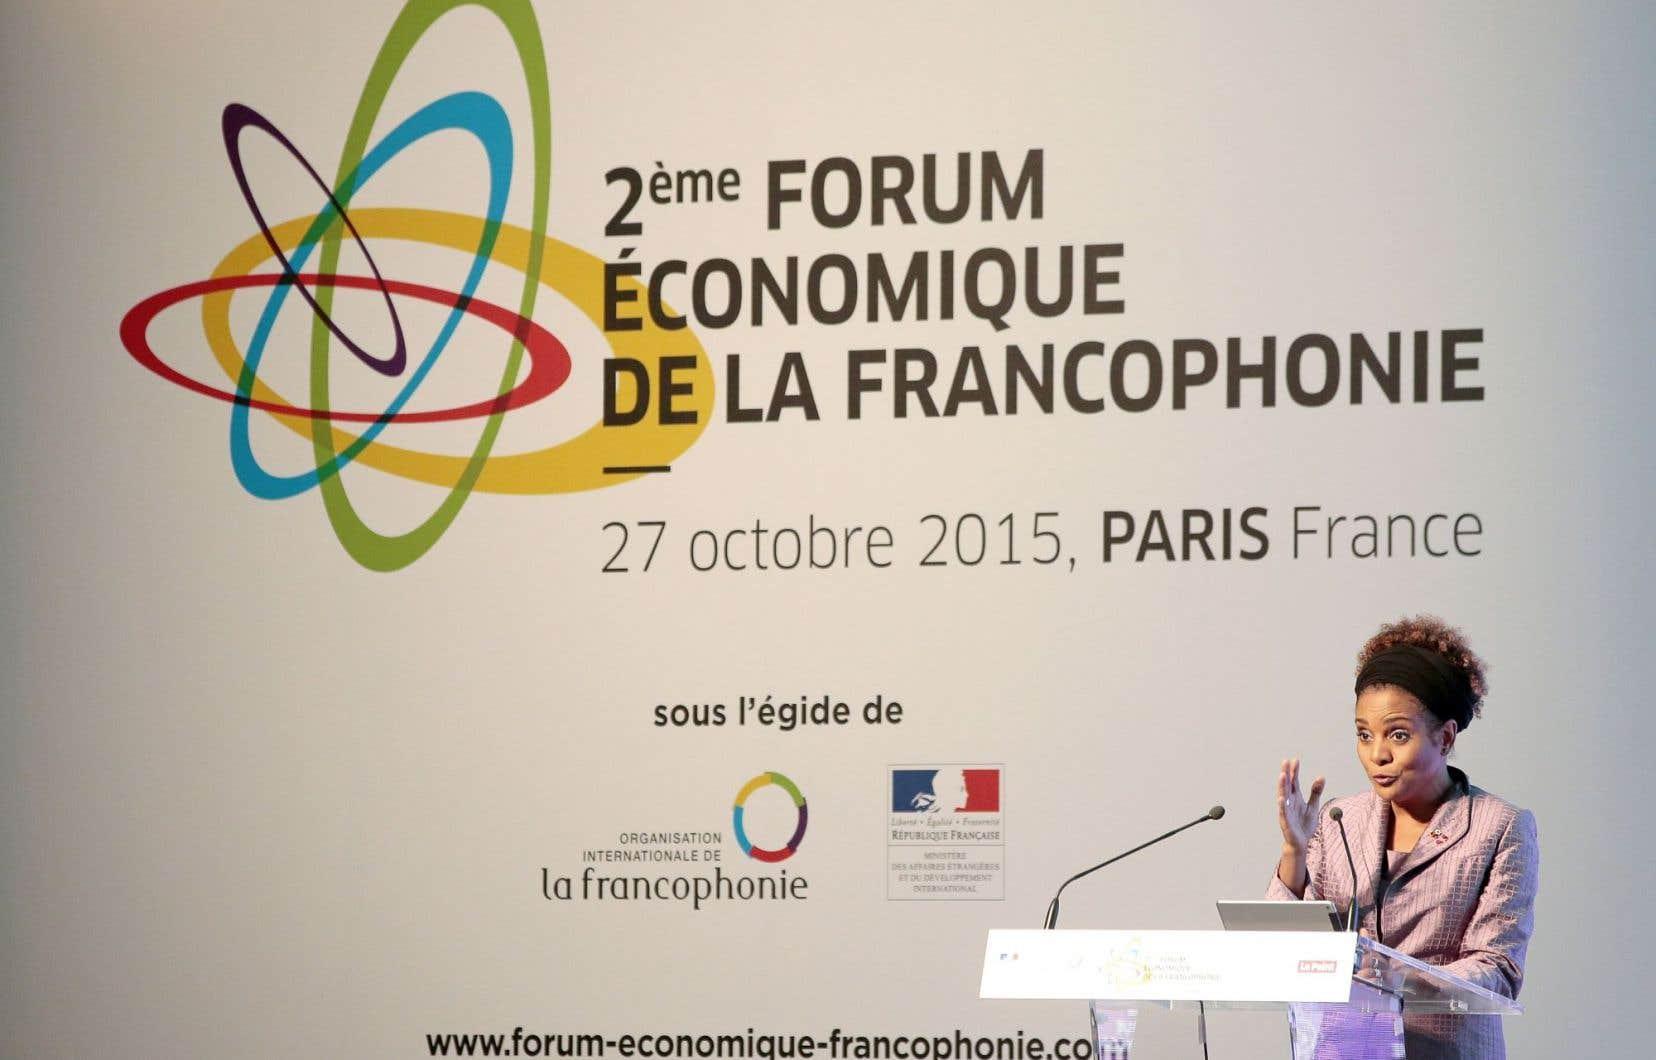 Michaëlle Jean, la secrétaire générale de l'Organisation internationale de la Francophonie, a livré un discours aux participants.